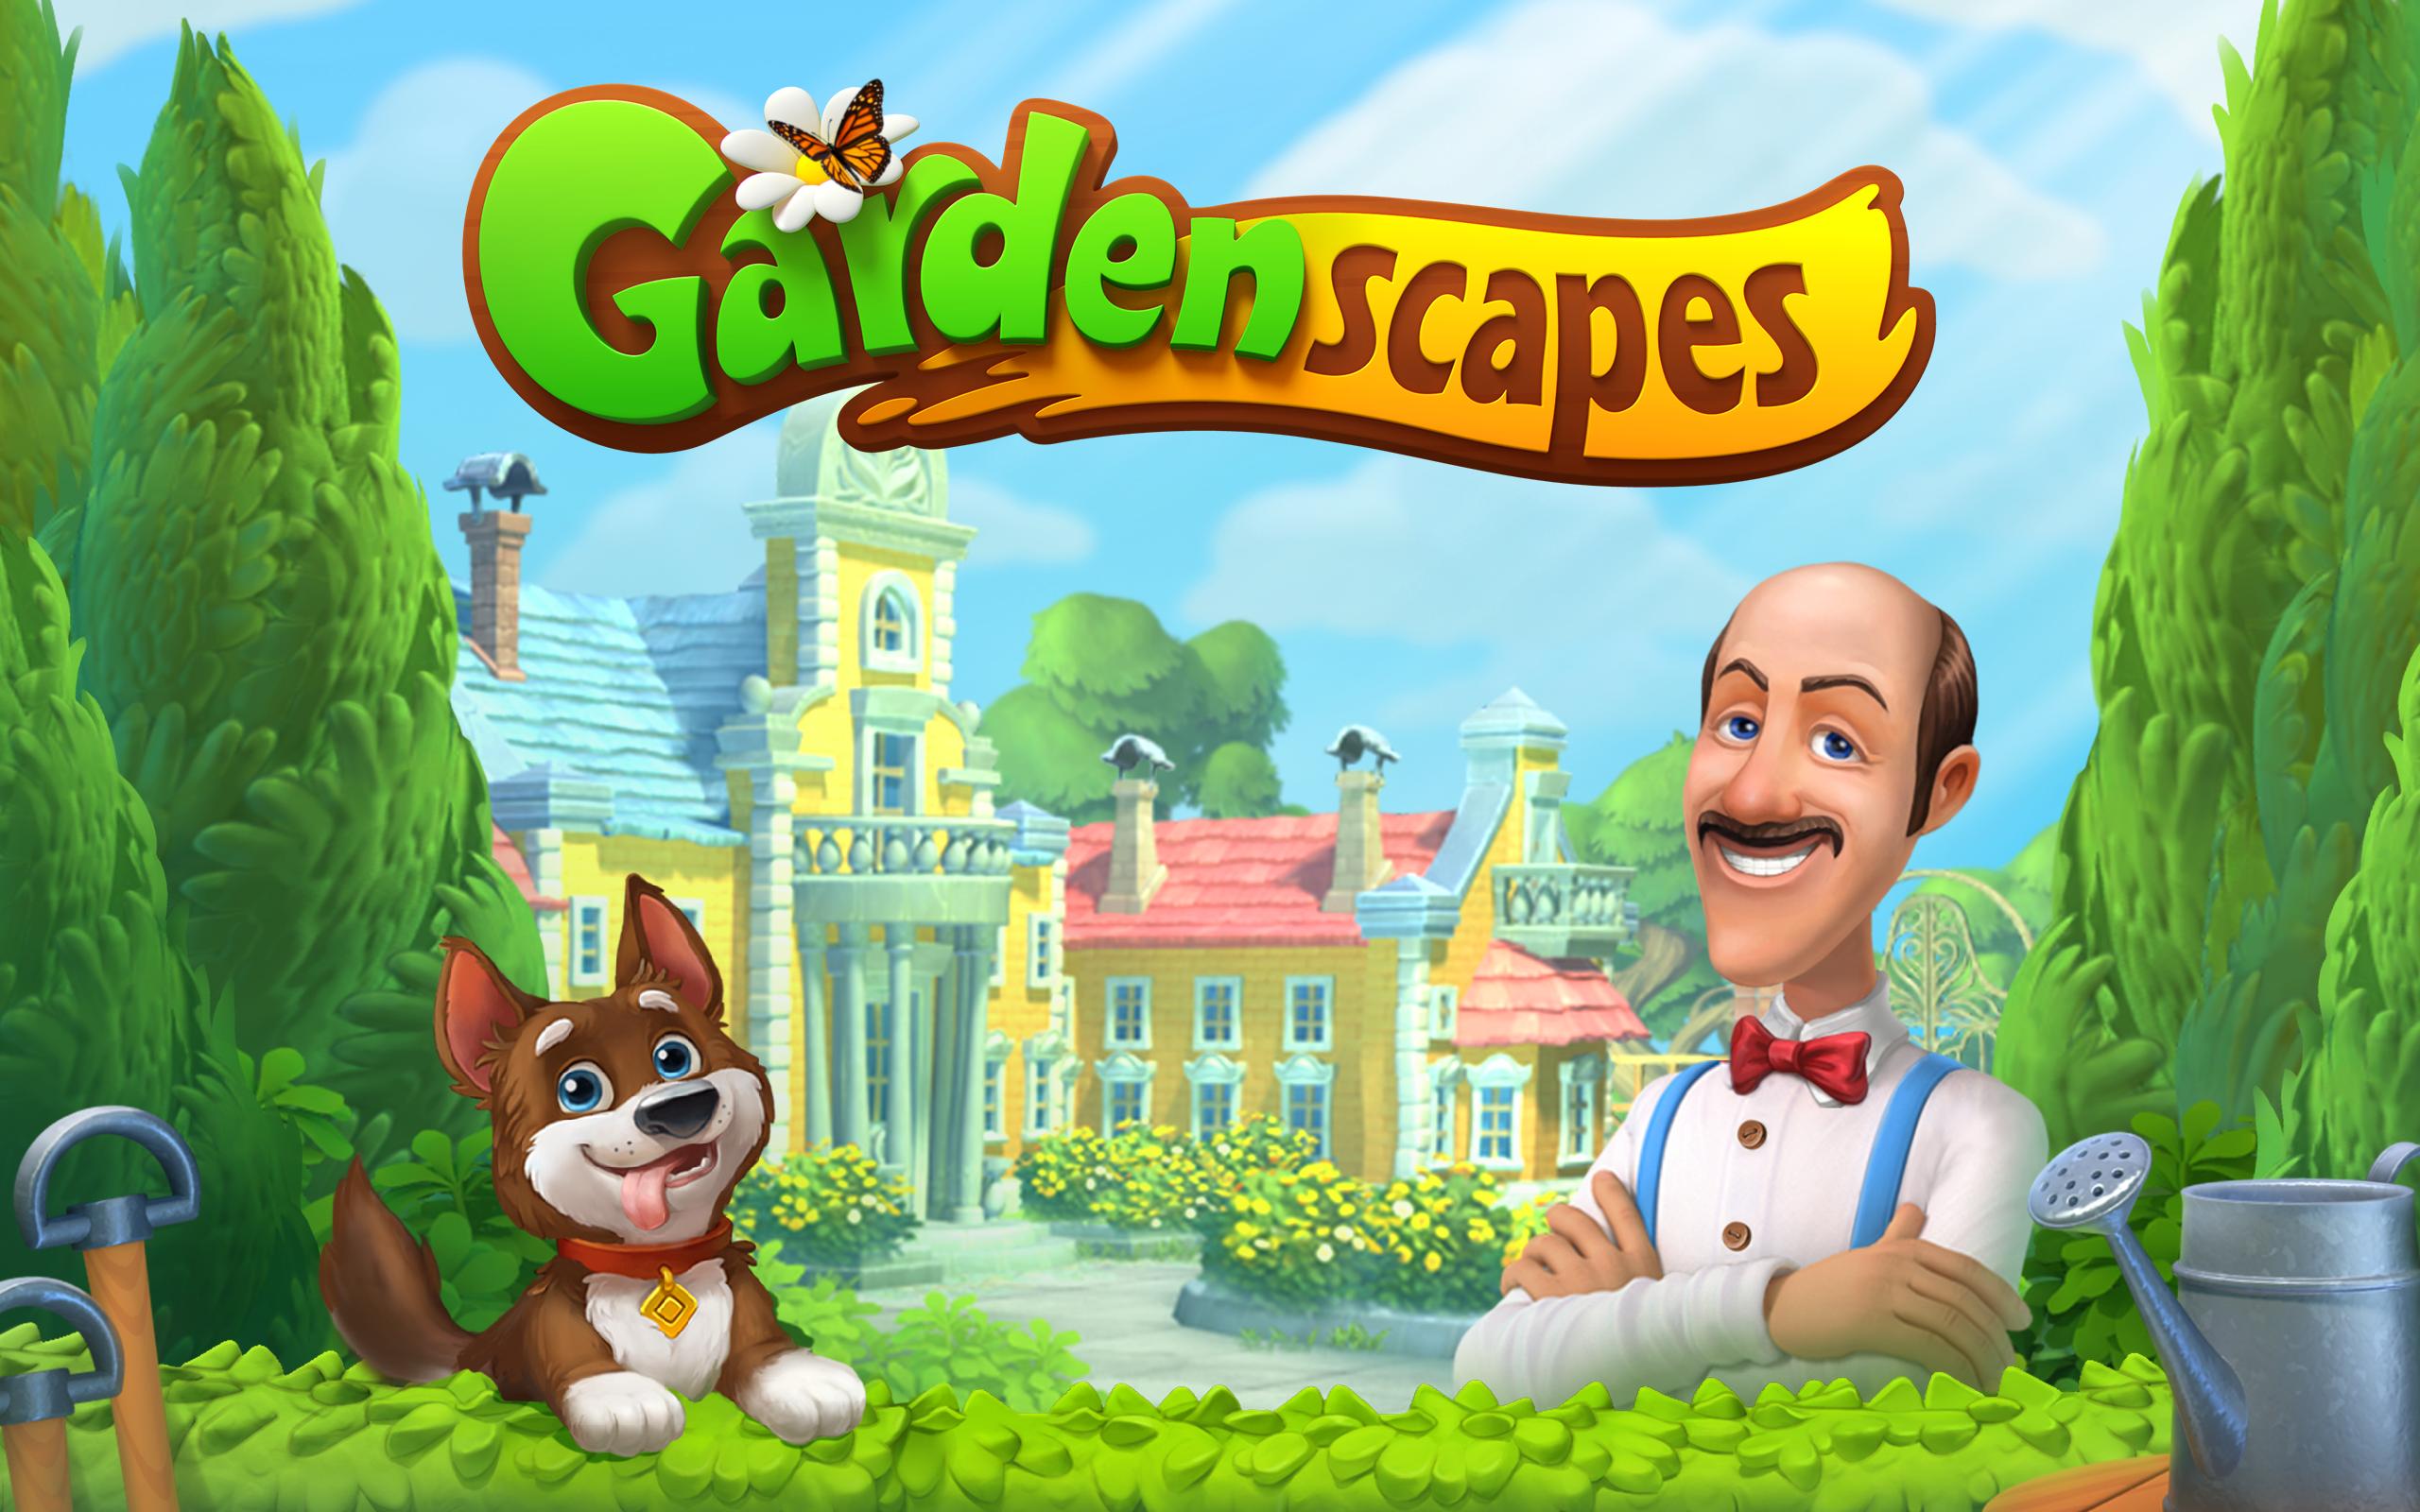 Gardenscapes Facebook